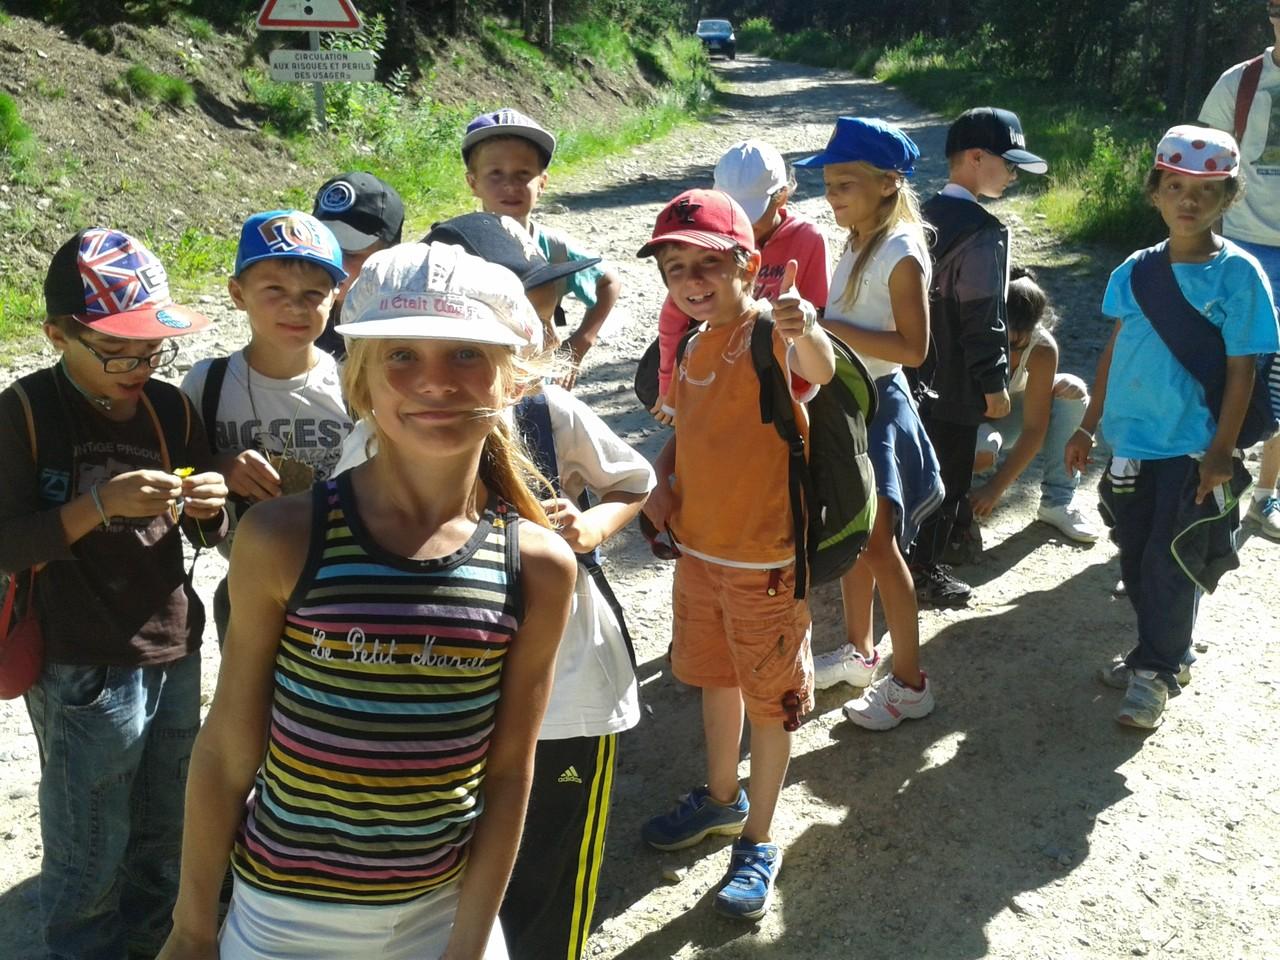 Départ au camping des plus jeunes